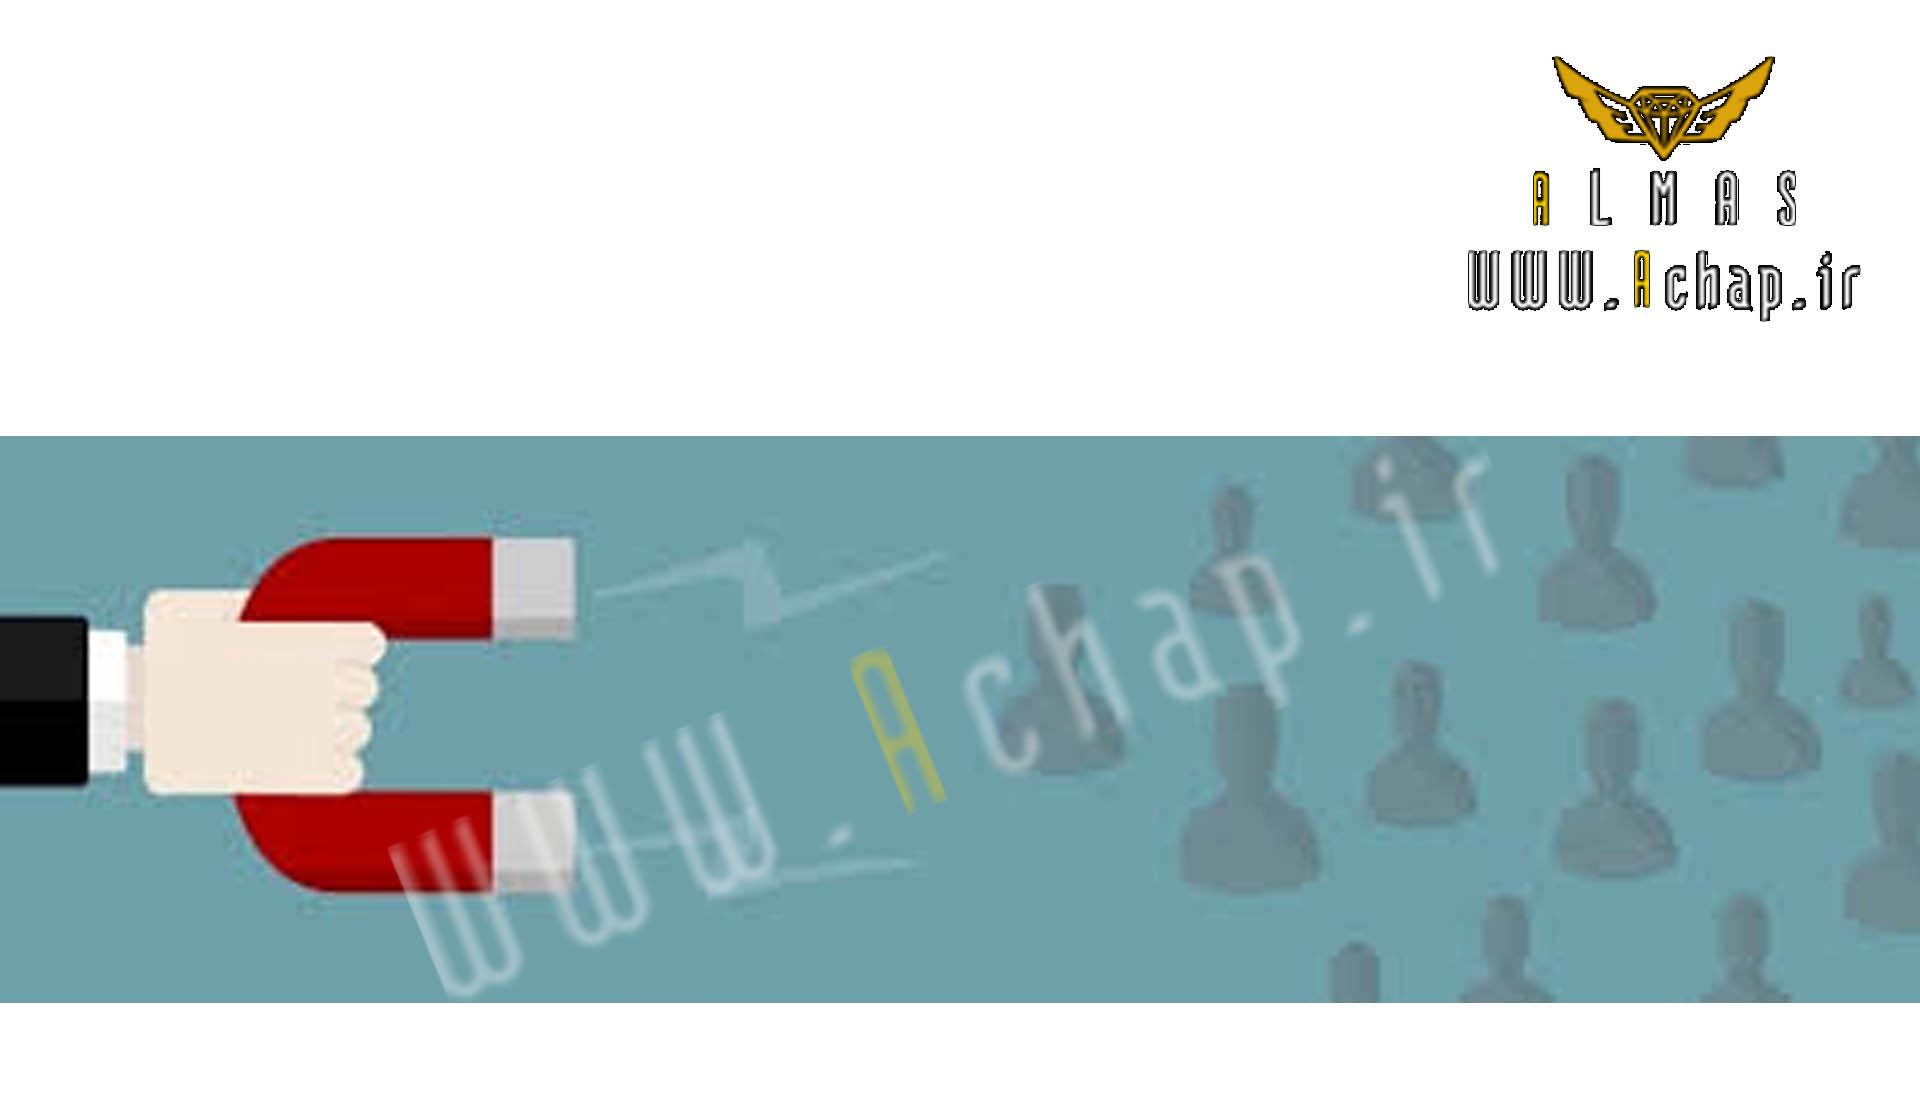 تبلیغات - achap - بهترین شرکتهای تبلیغ کننده (بخش10) -